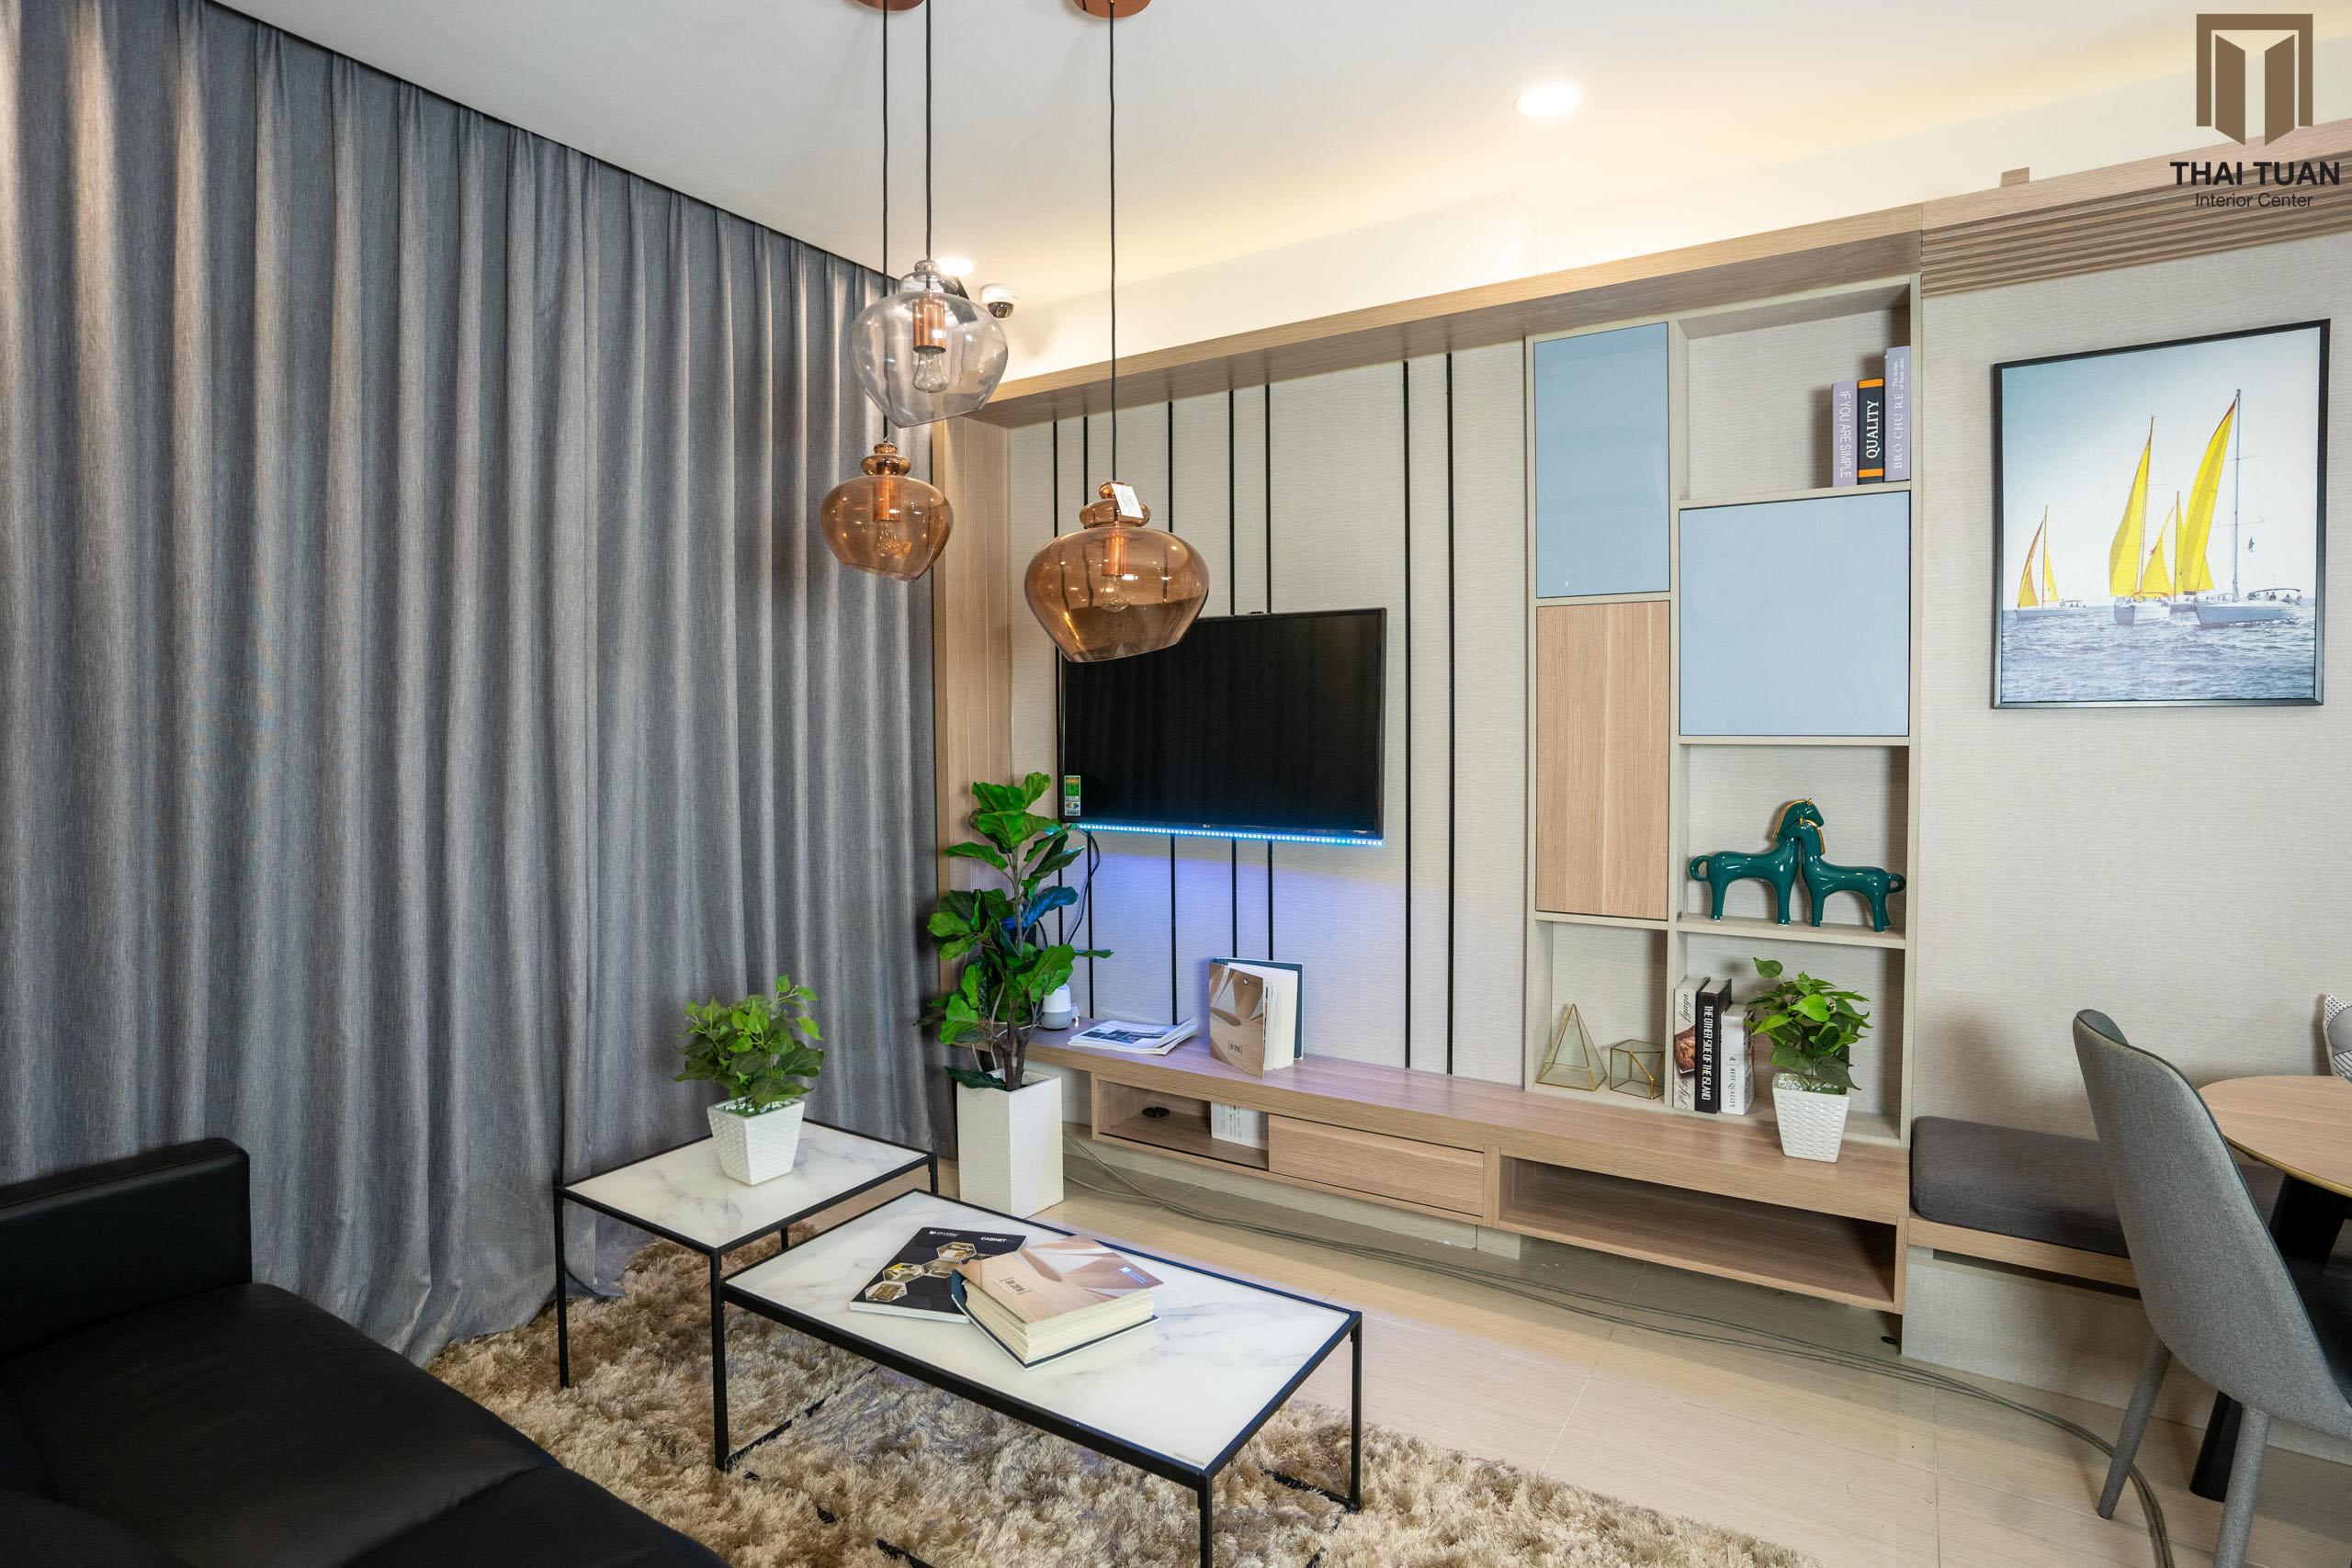 Phòng khách với diện tường độc đáo, vừa có tác dụng trang trí decor, vừa lưu trữ đồ